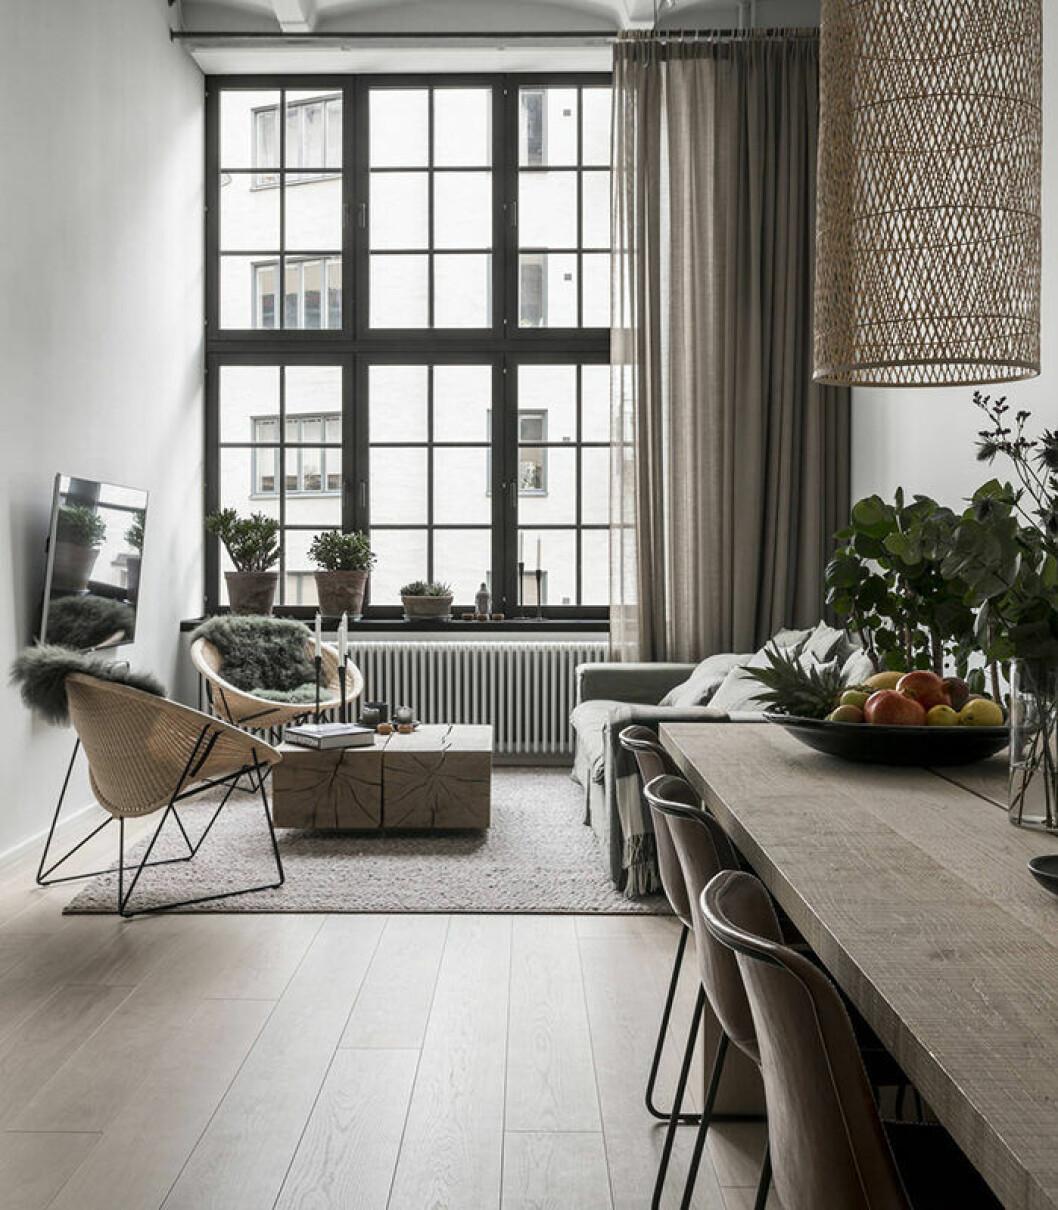 Industriellt fönster som matchas snyggast med en gardin på sidan